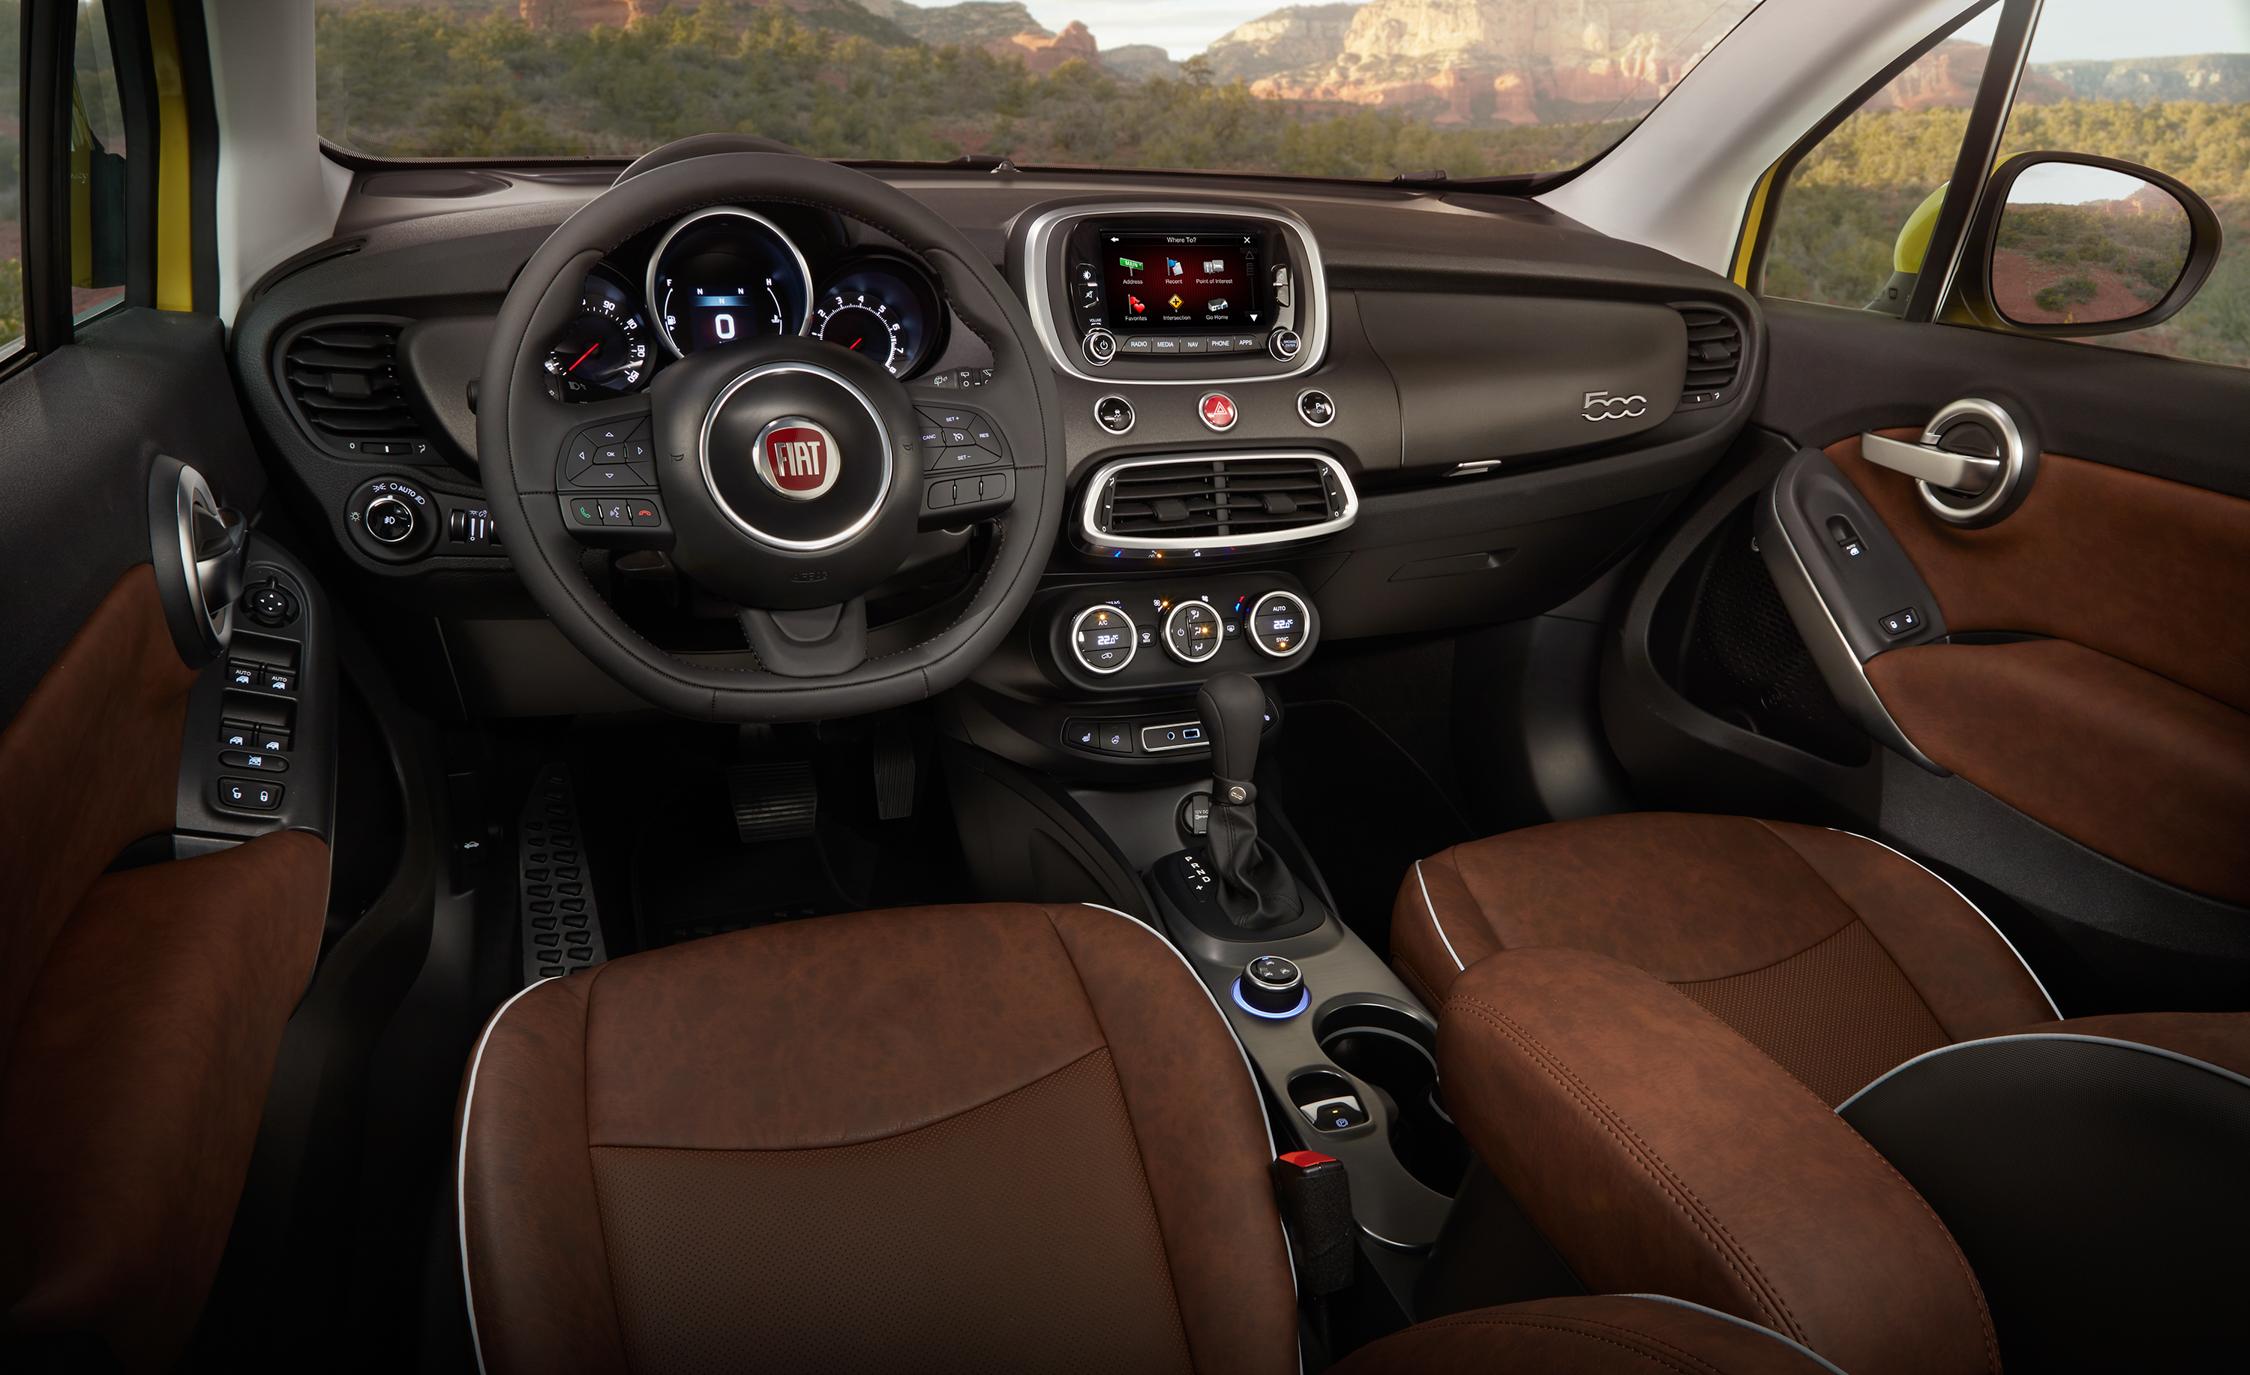 2016 Fiat 500X Trekking Plus Interior